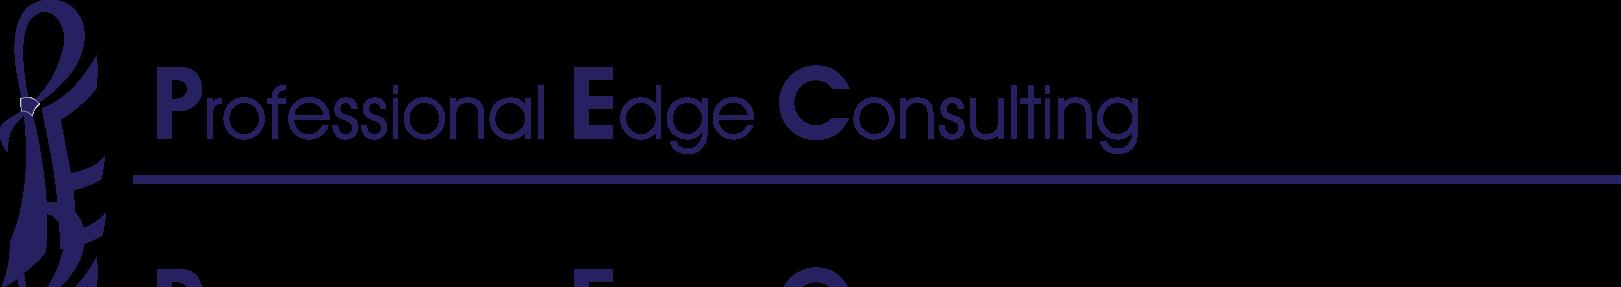 Professional Edge Consulting